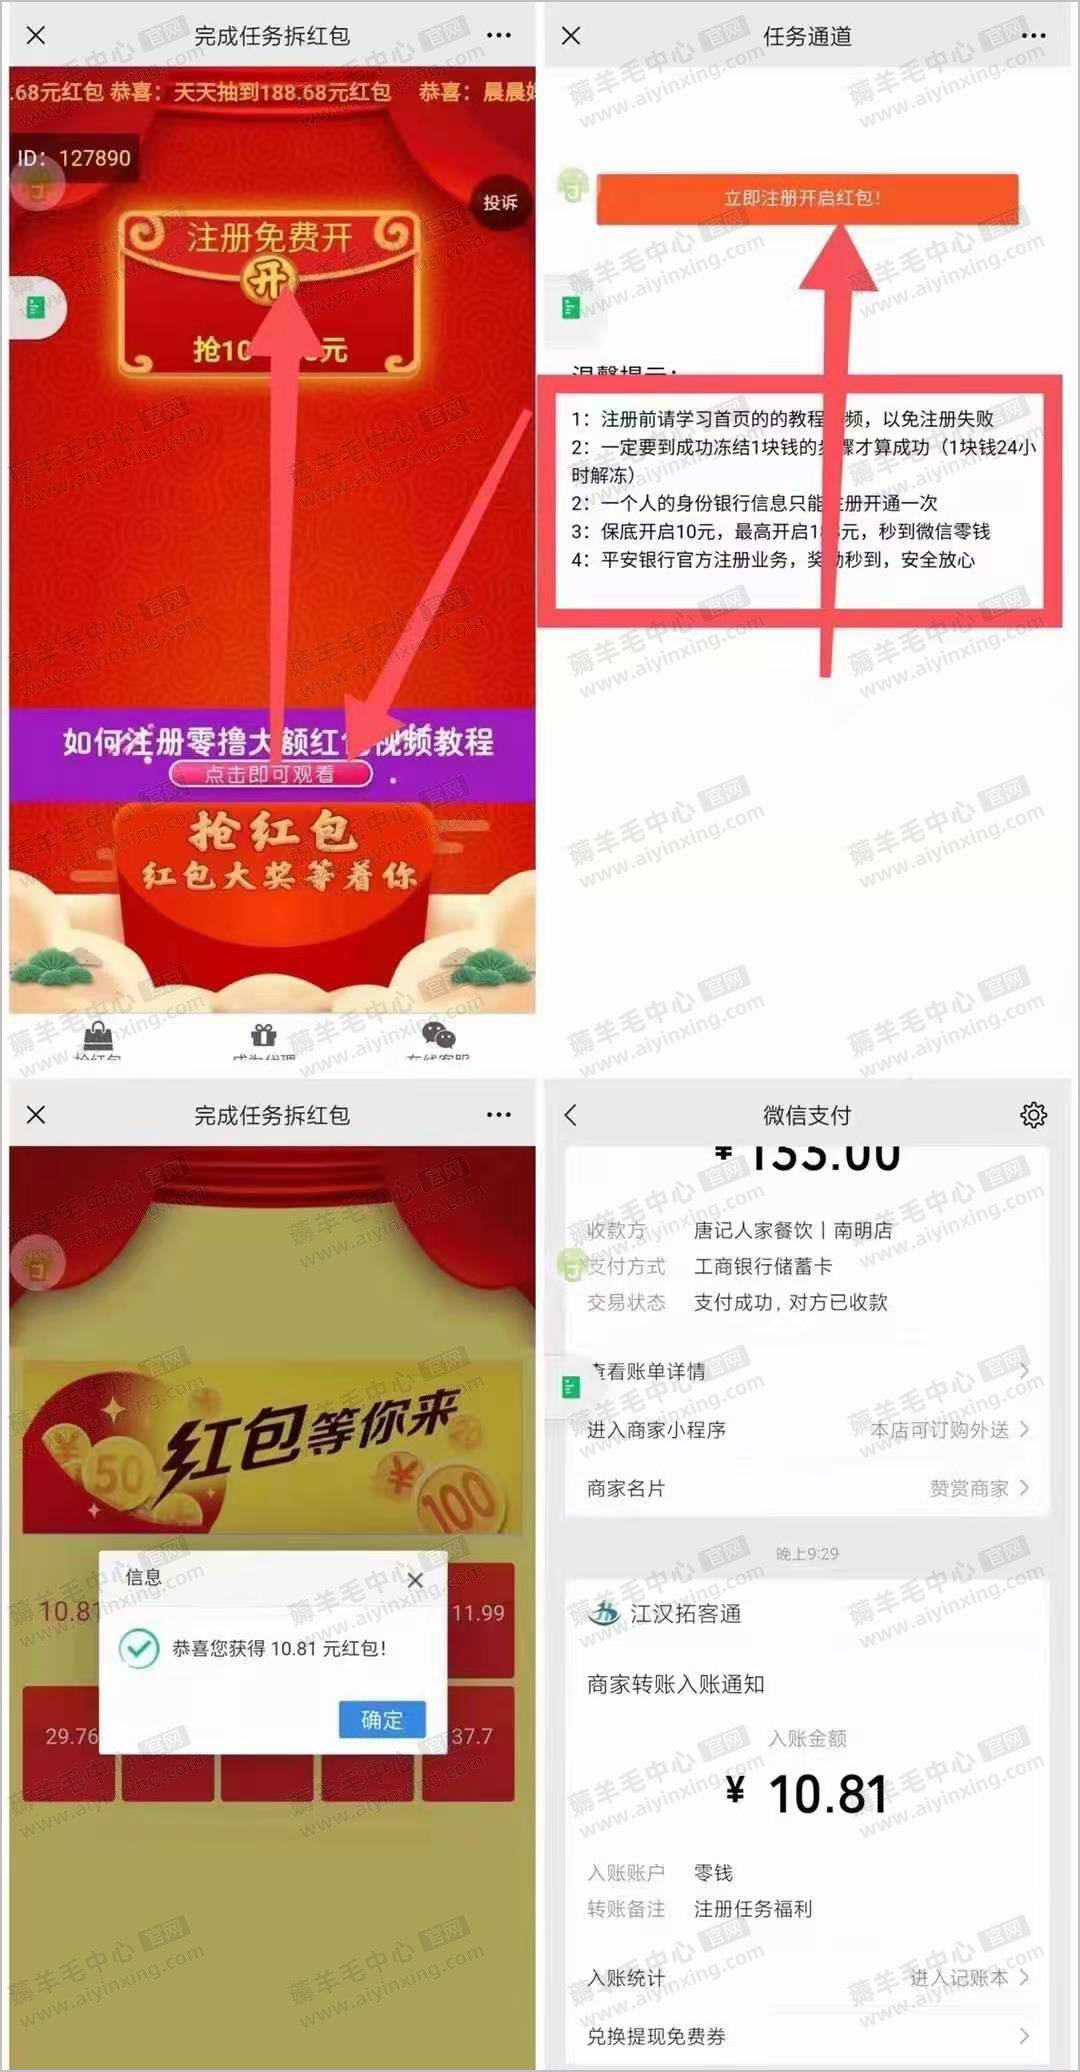 平安银行开通电子账户领10—188元现金红包